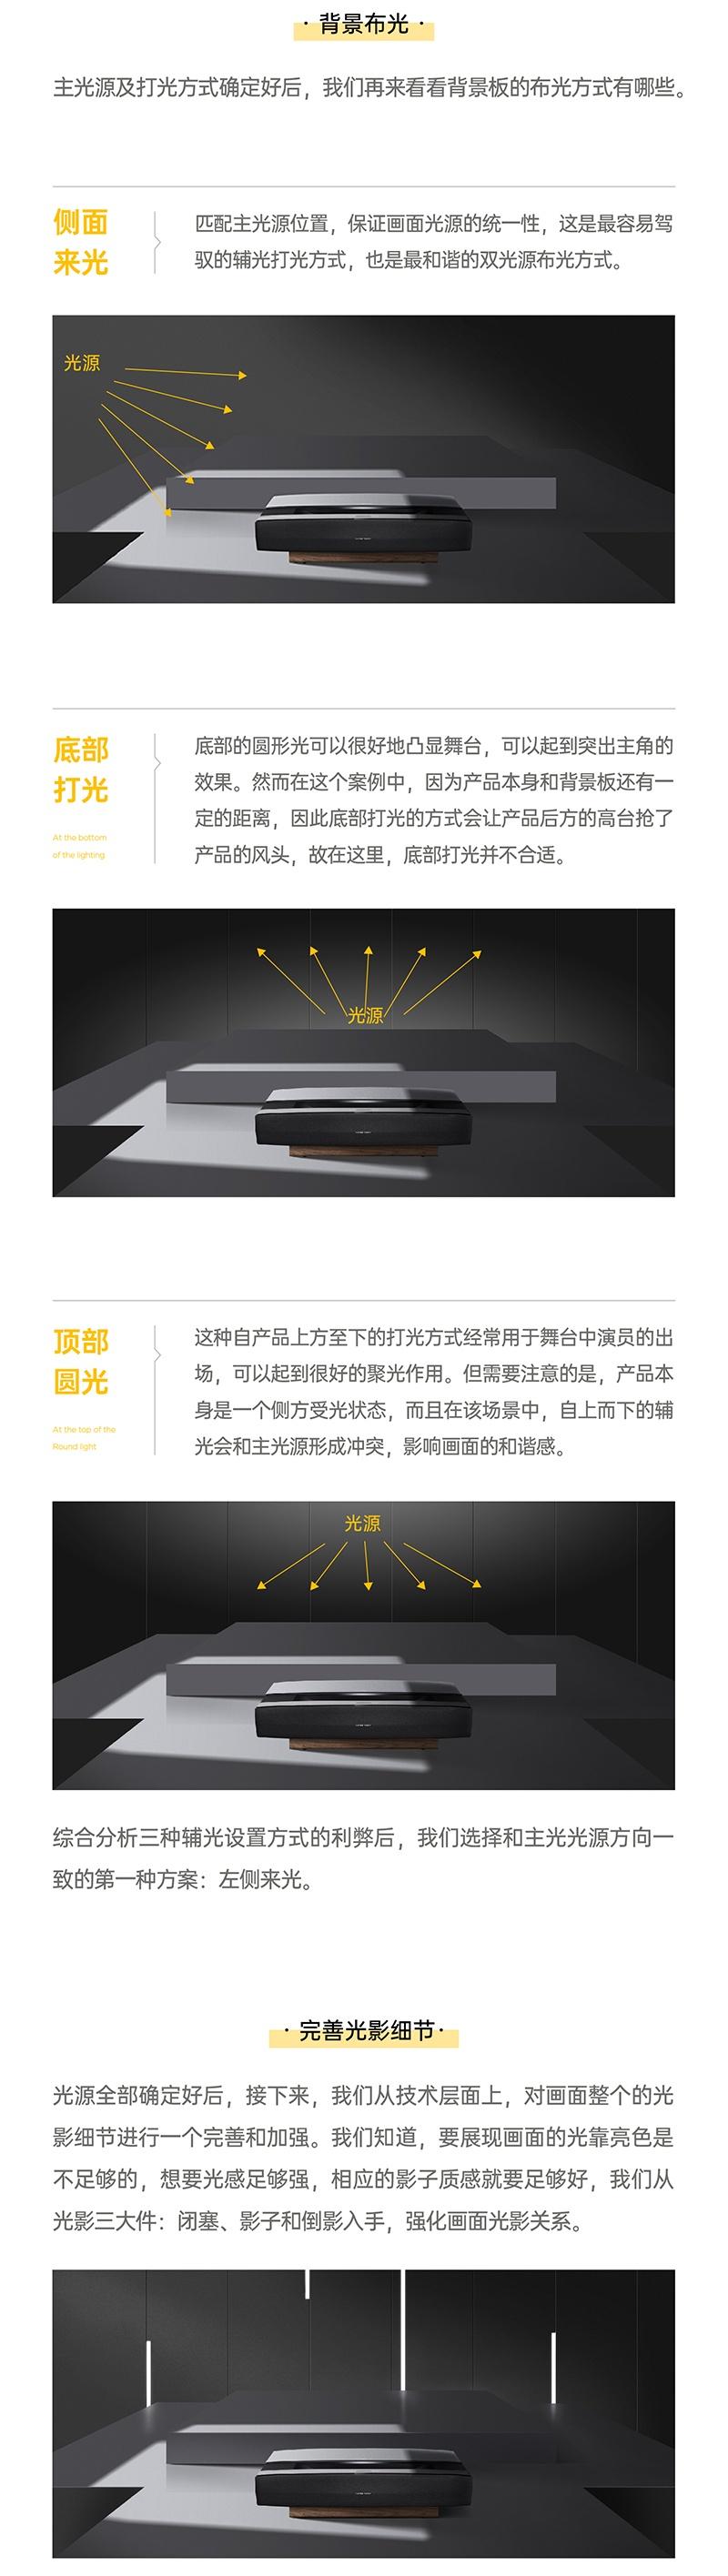 如何搞定画面布光?收下这份平面设计布光指南!